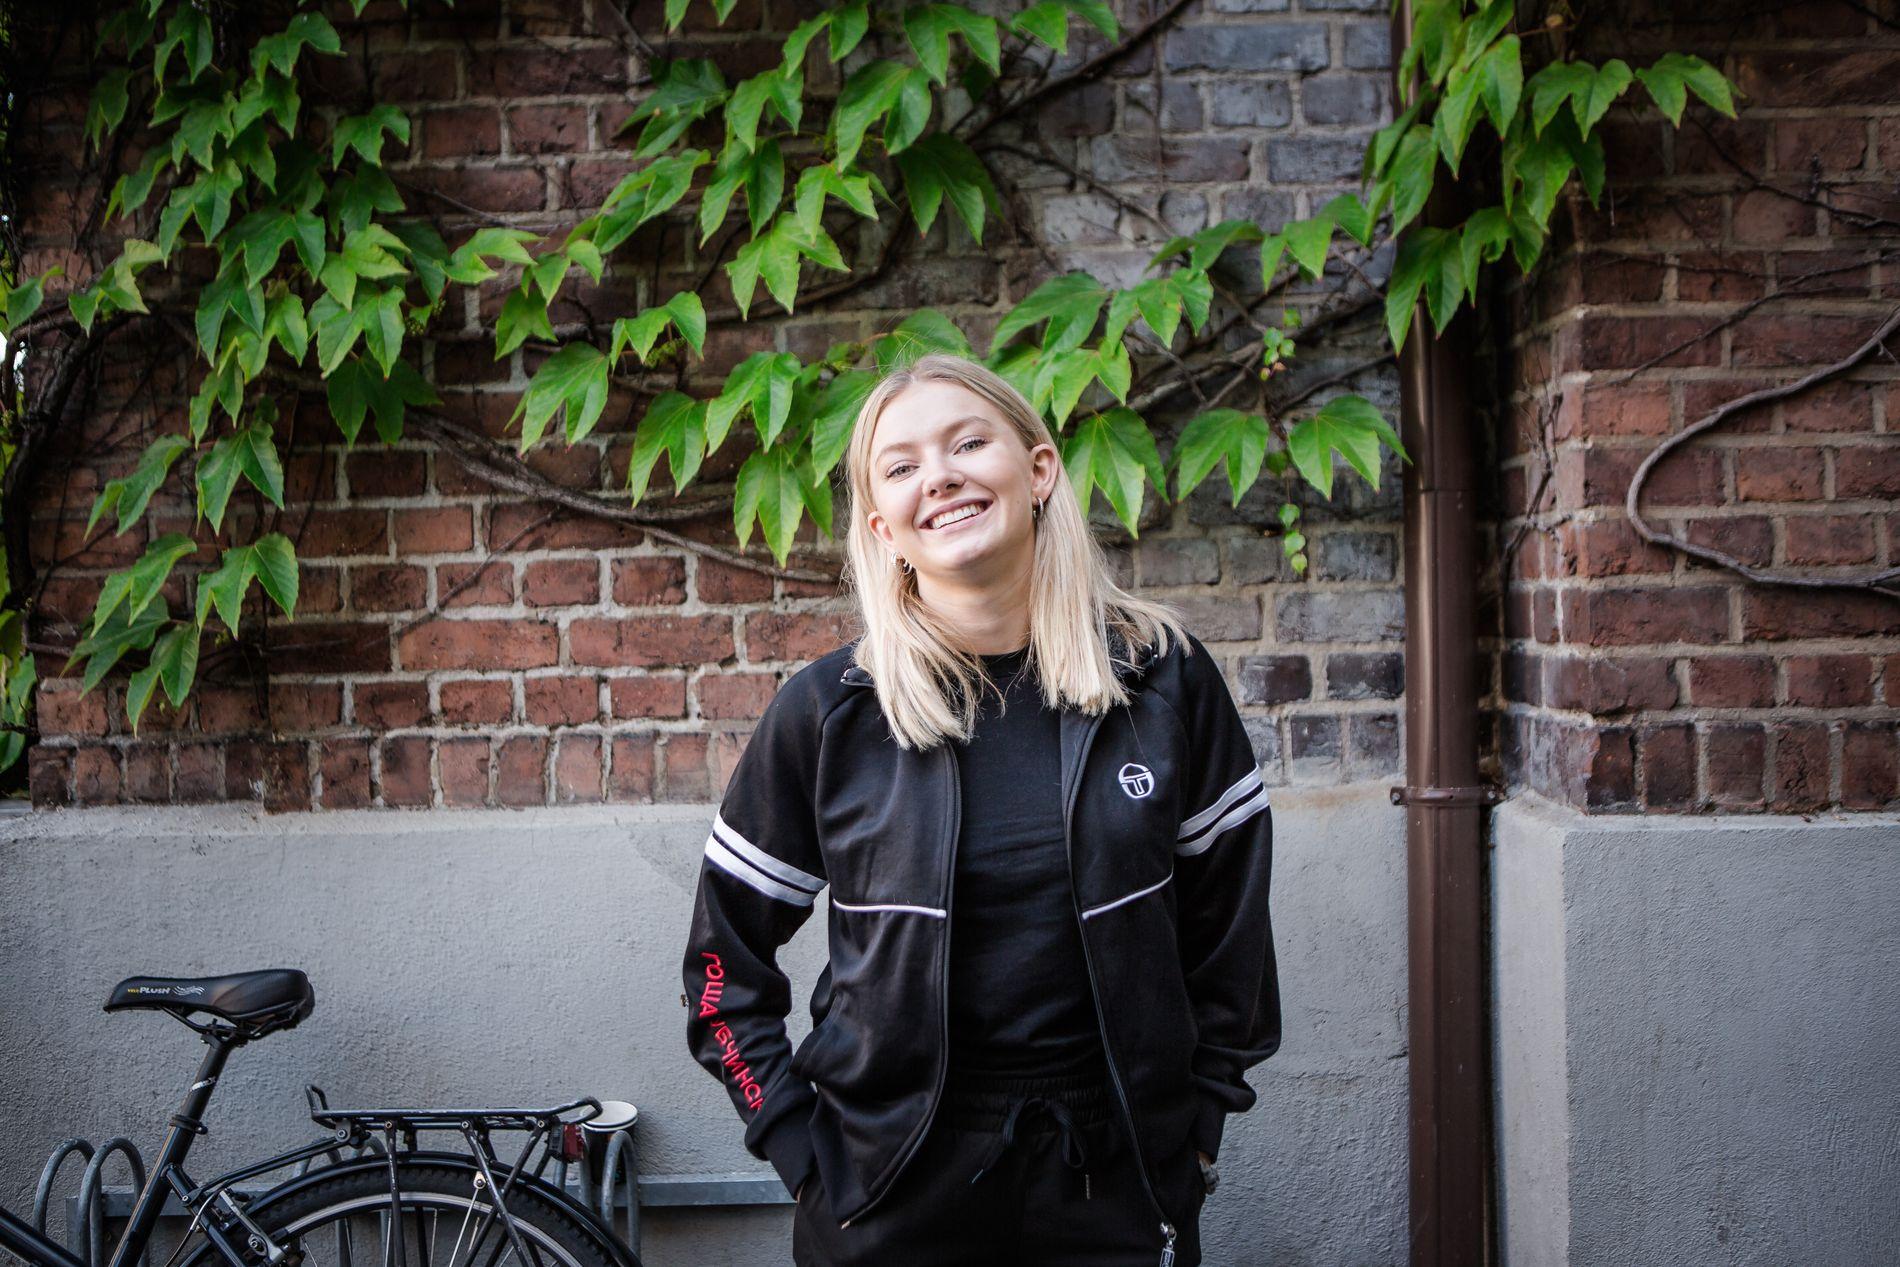 IKKE SINGEL LENGER: Astrid S avslører at hun har kjæreste. Foto: ODIN JÆGER